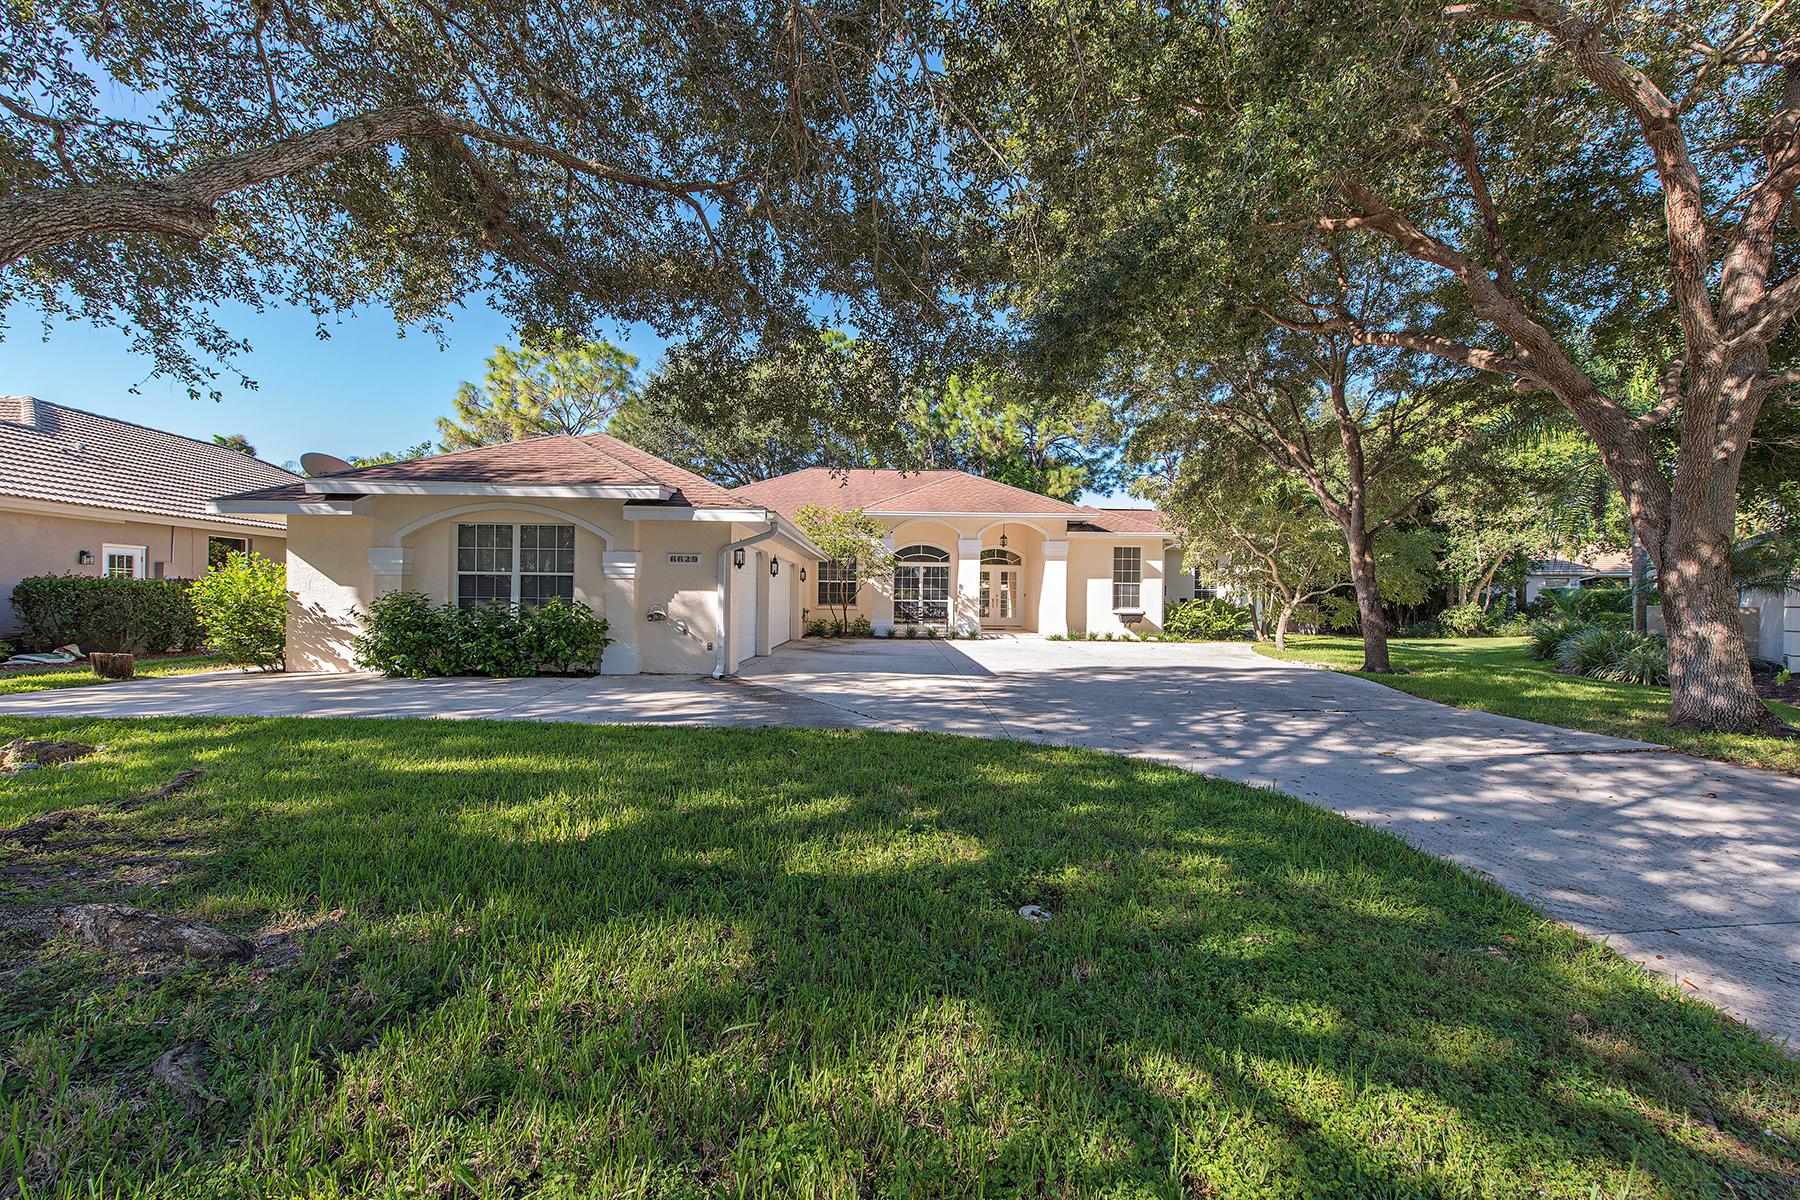 Maison unifamiliale pour l Vente à CROSSINGS - MILL RUN 6629 New Haven Cir Naples, Florida 34109 États-Unis